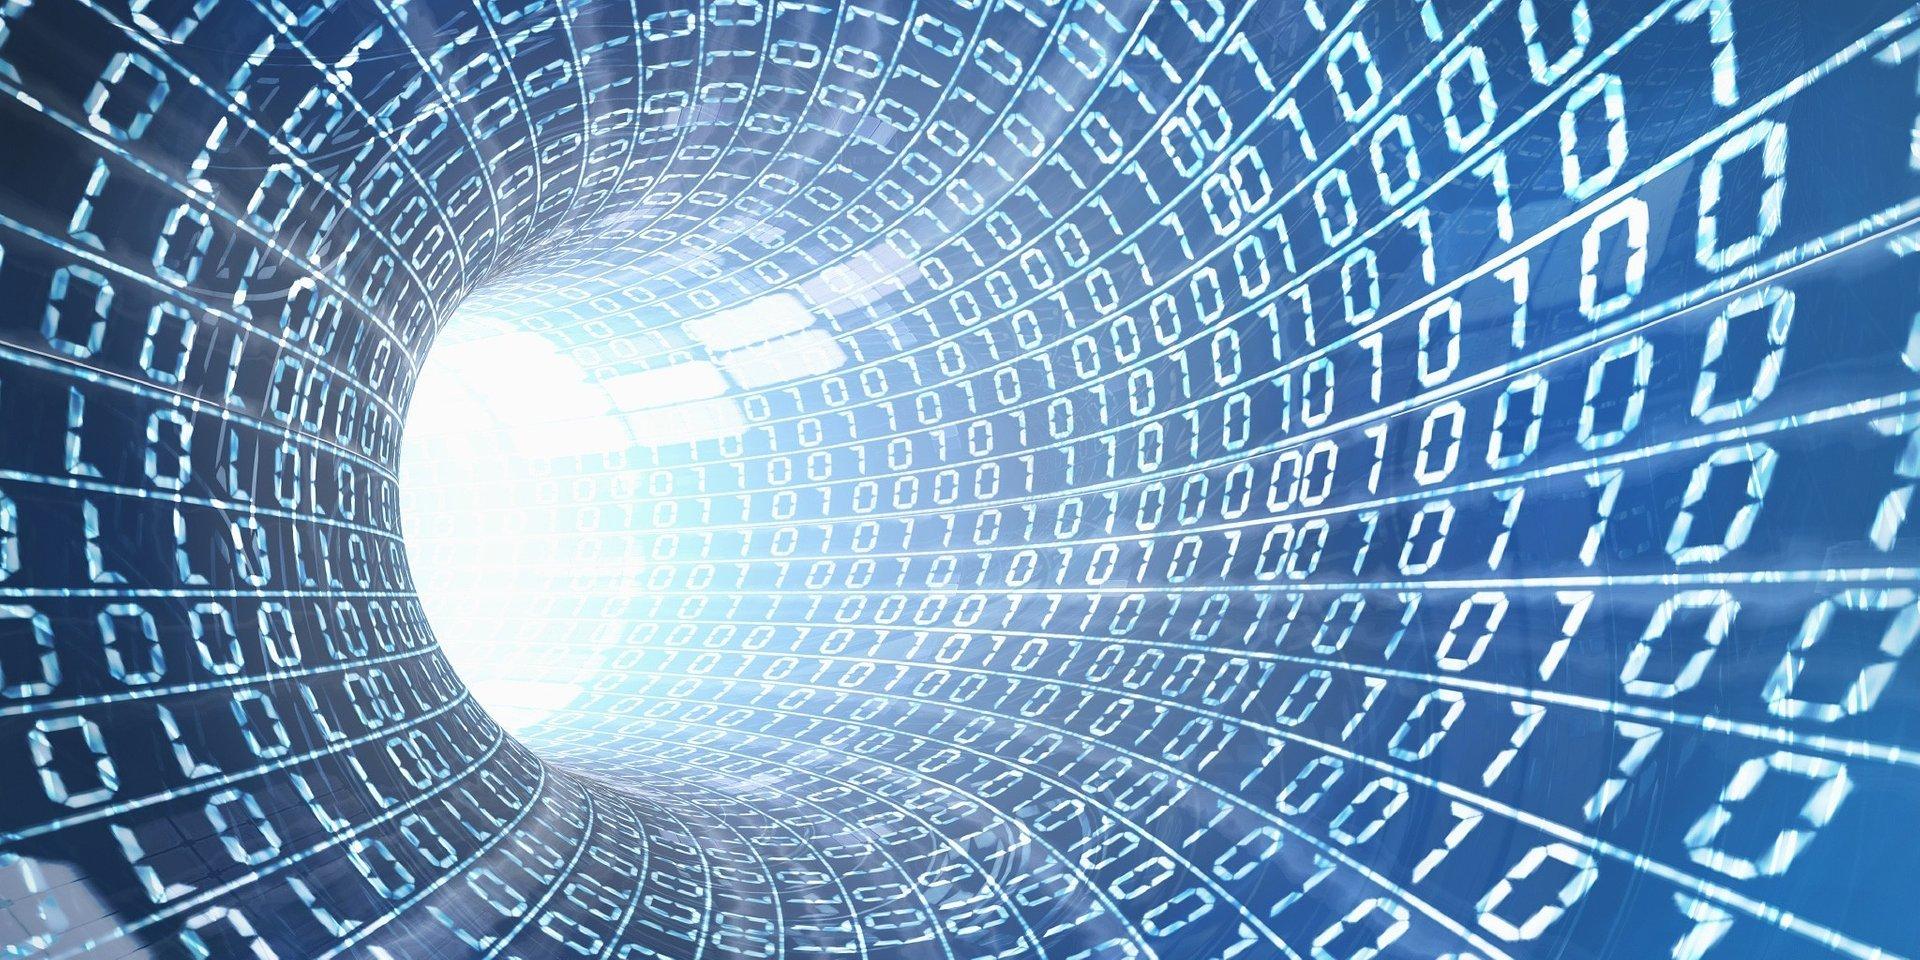 DACHSER tworzy centrum kompetencyjne nauki o danych i uczenia maszynowego